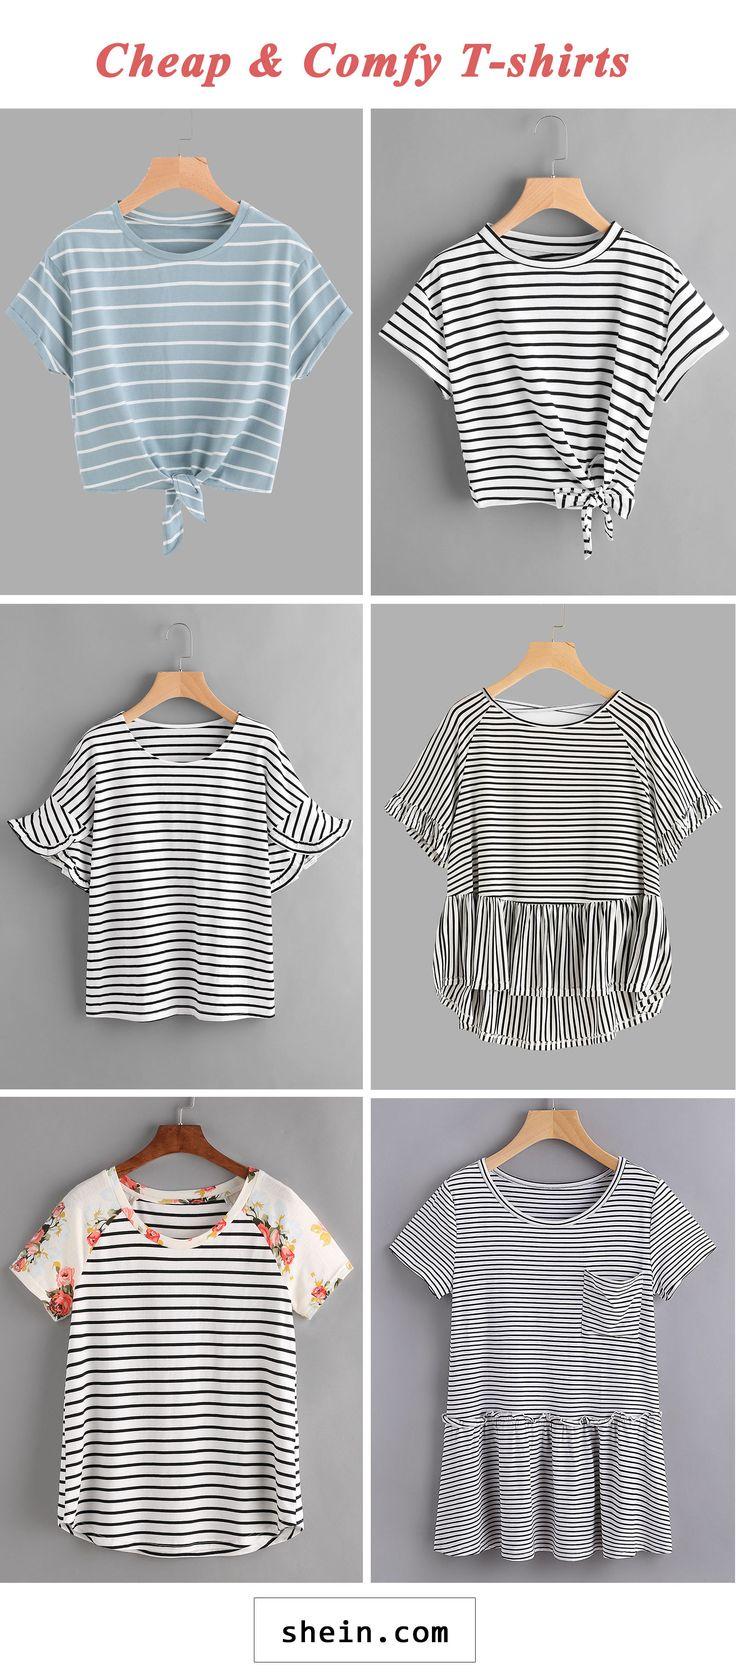 Cheap & comfy T-shirts start at $6!